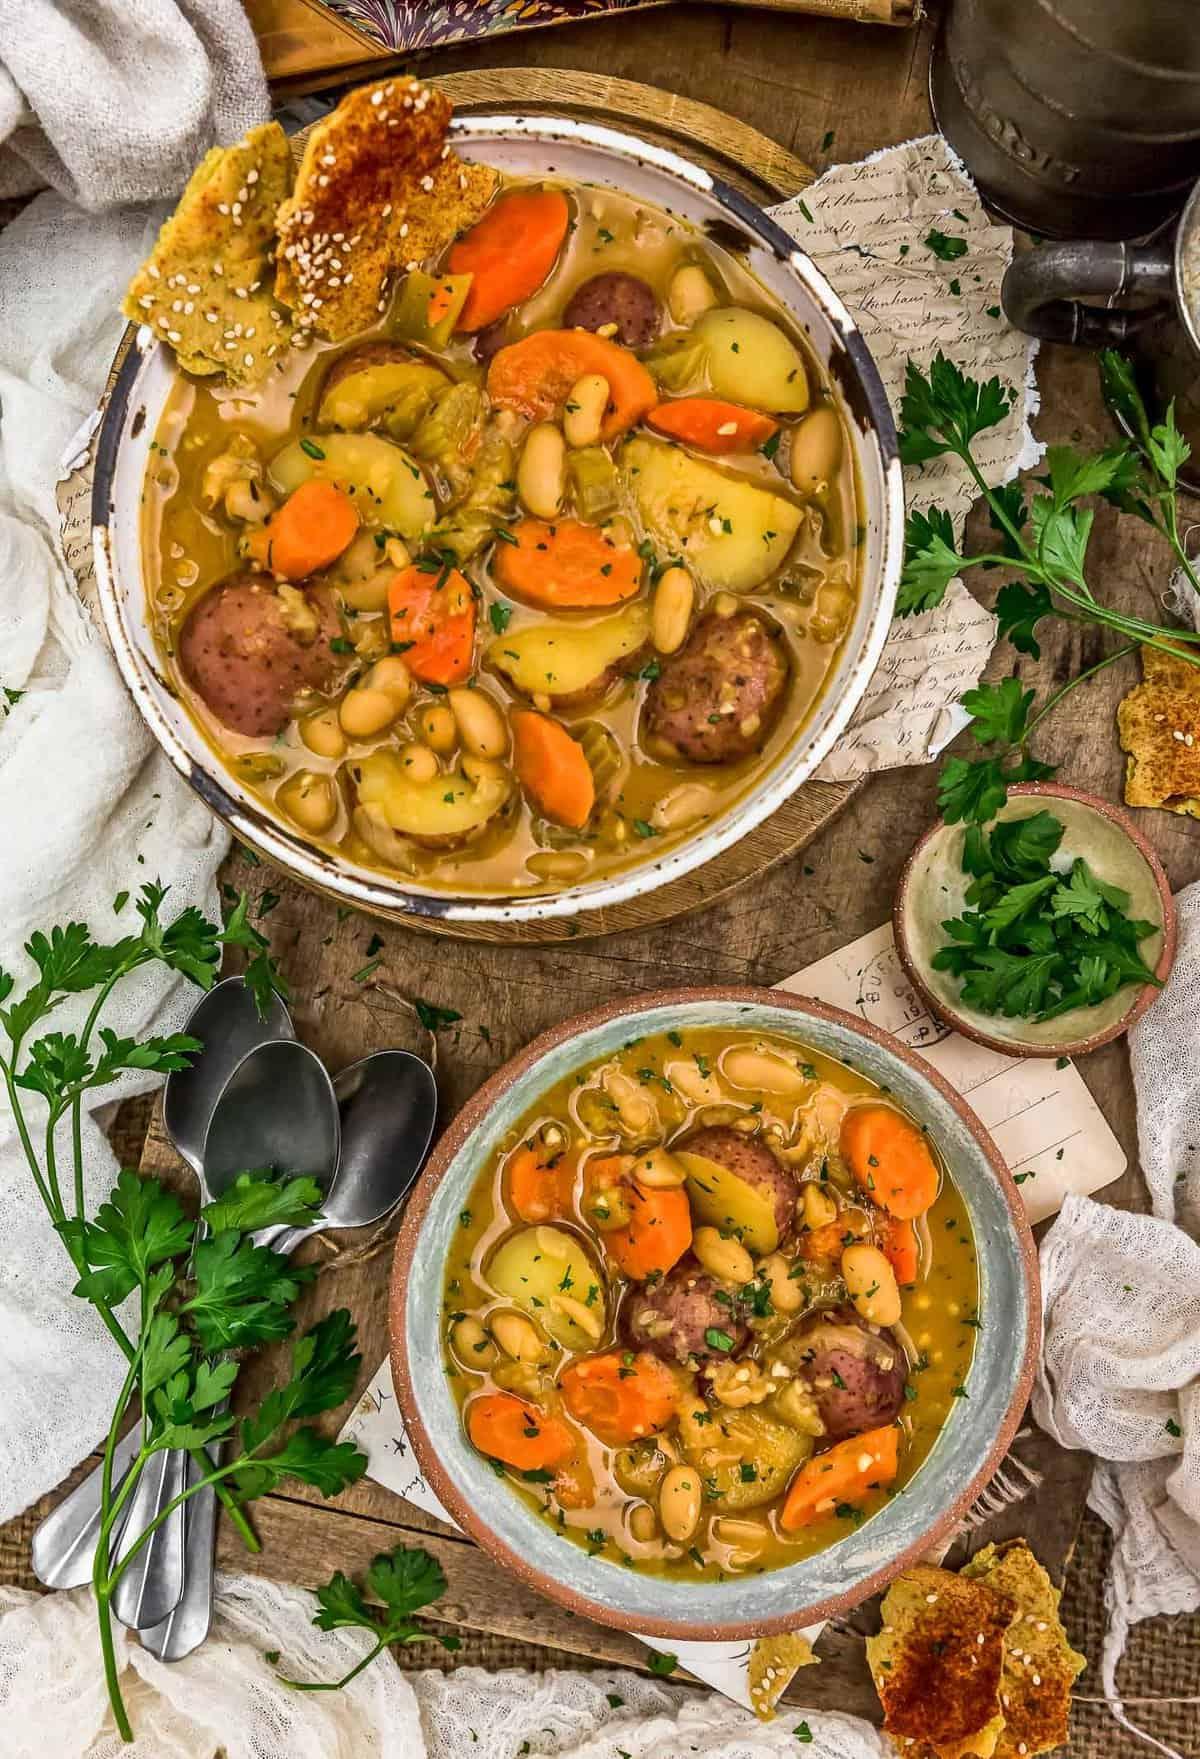 Tablescape of French Thyme White Bean Potato Stew